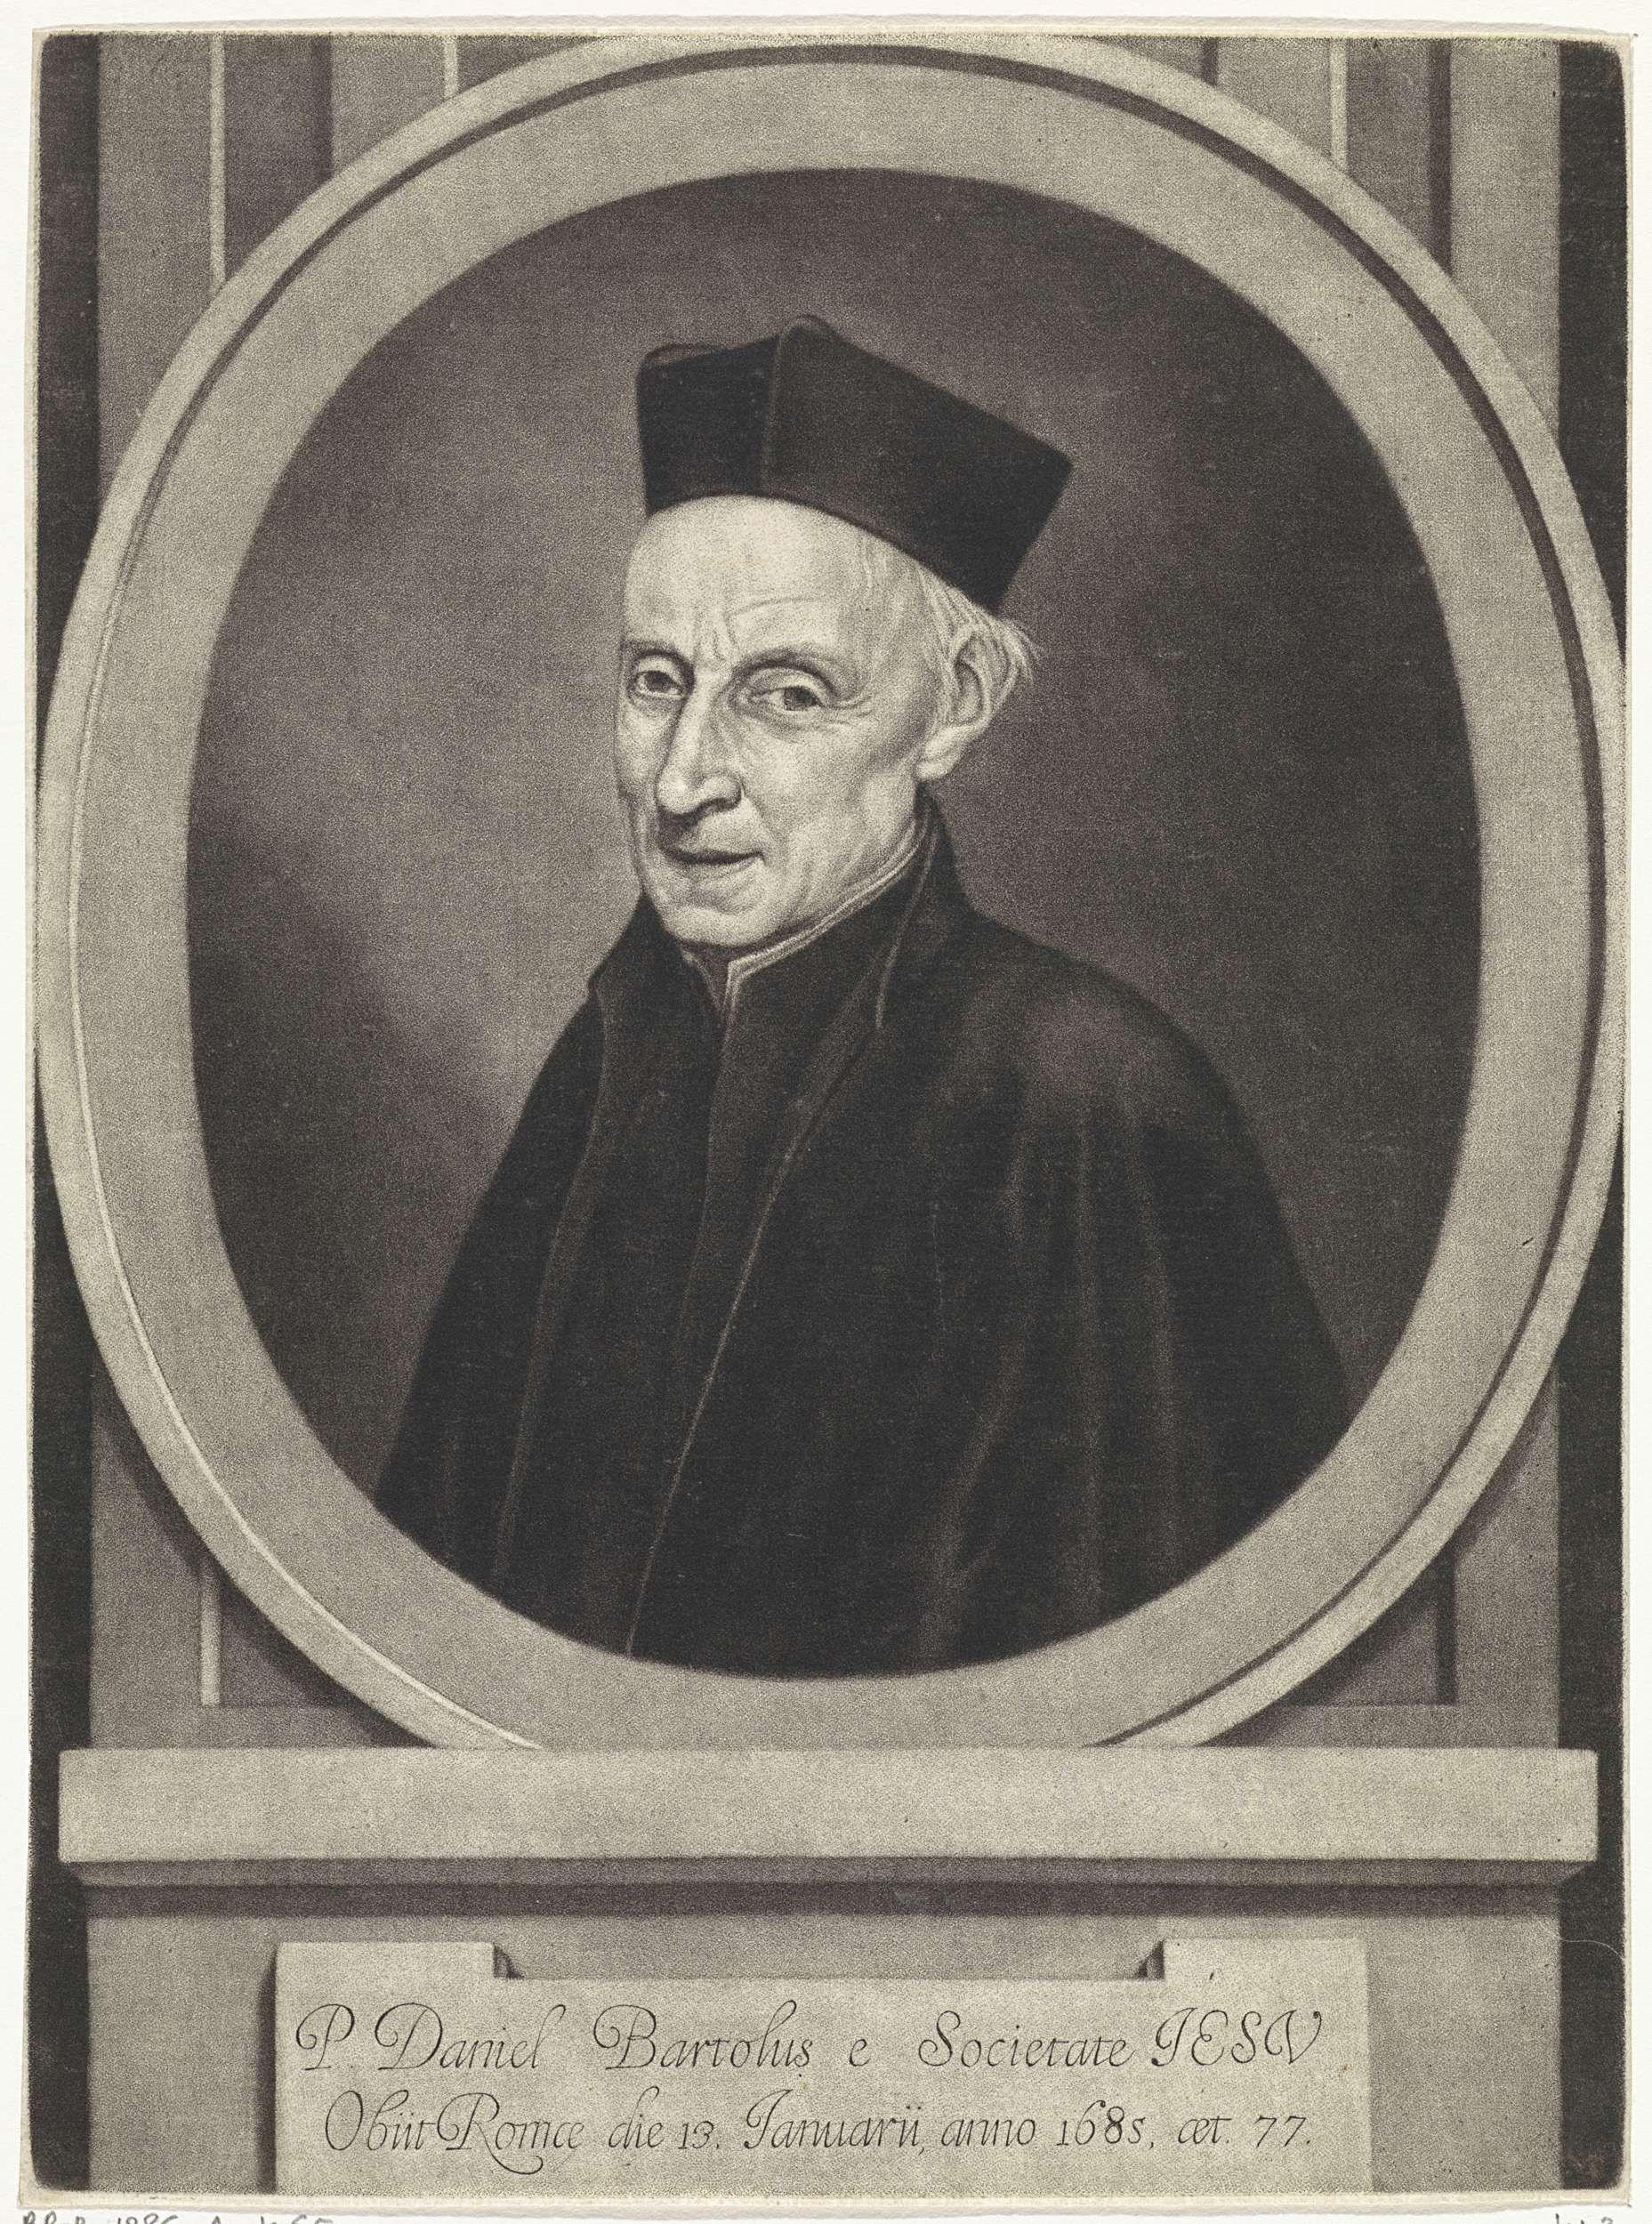 Jan van der Bruggen   Portret van Daniel Bartolus, Jan van der Bruggen, 1685   Portret van de geestelijke Daniel Bartolus op 77-jarige leeftijd.